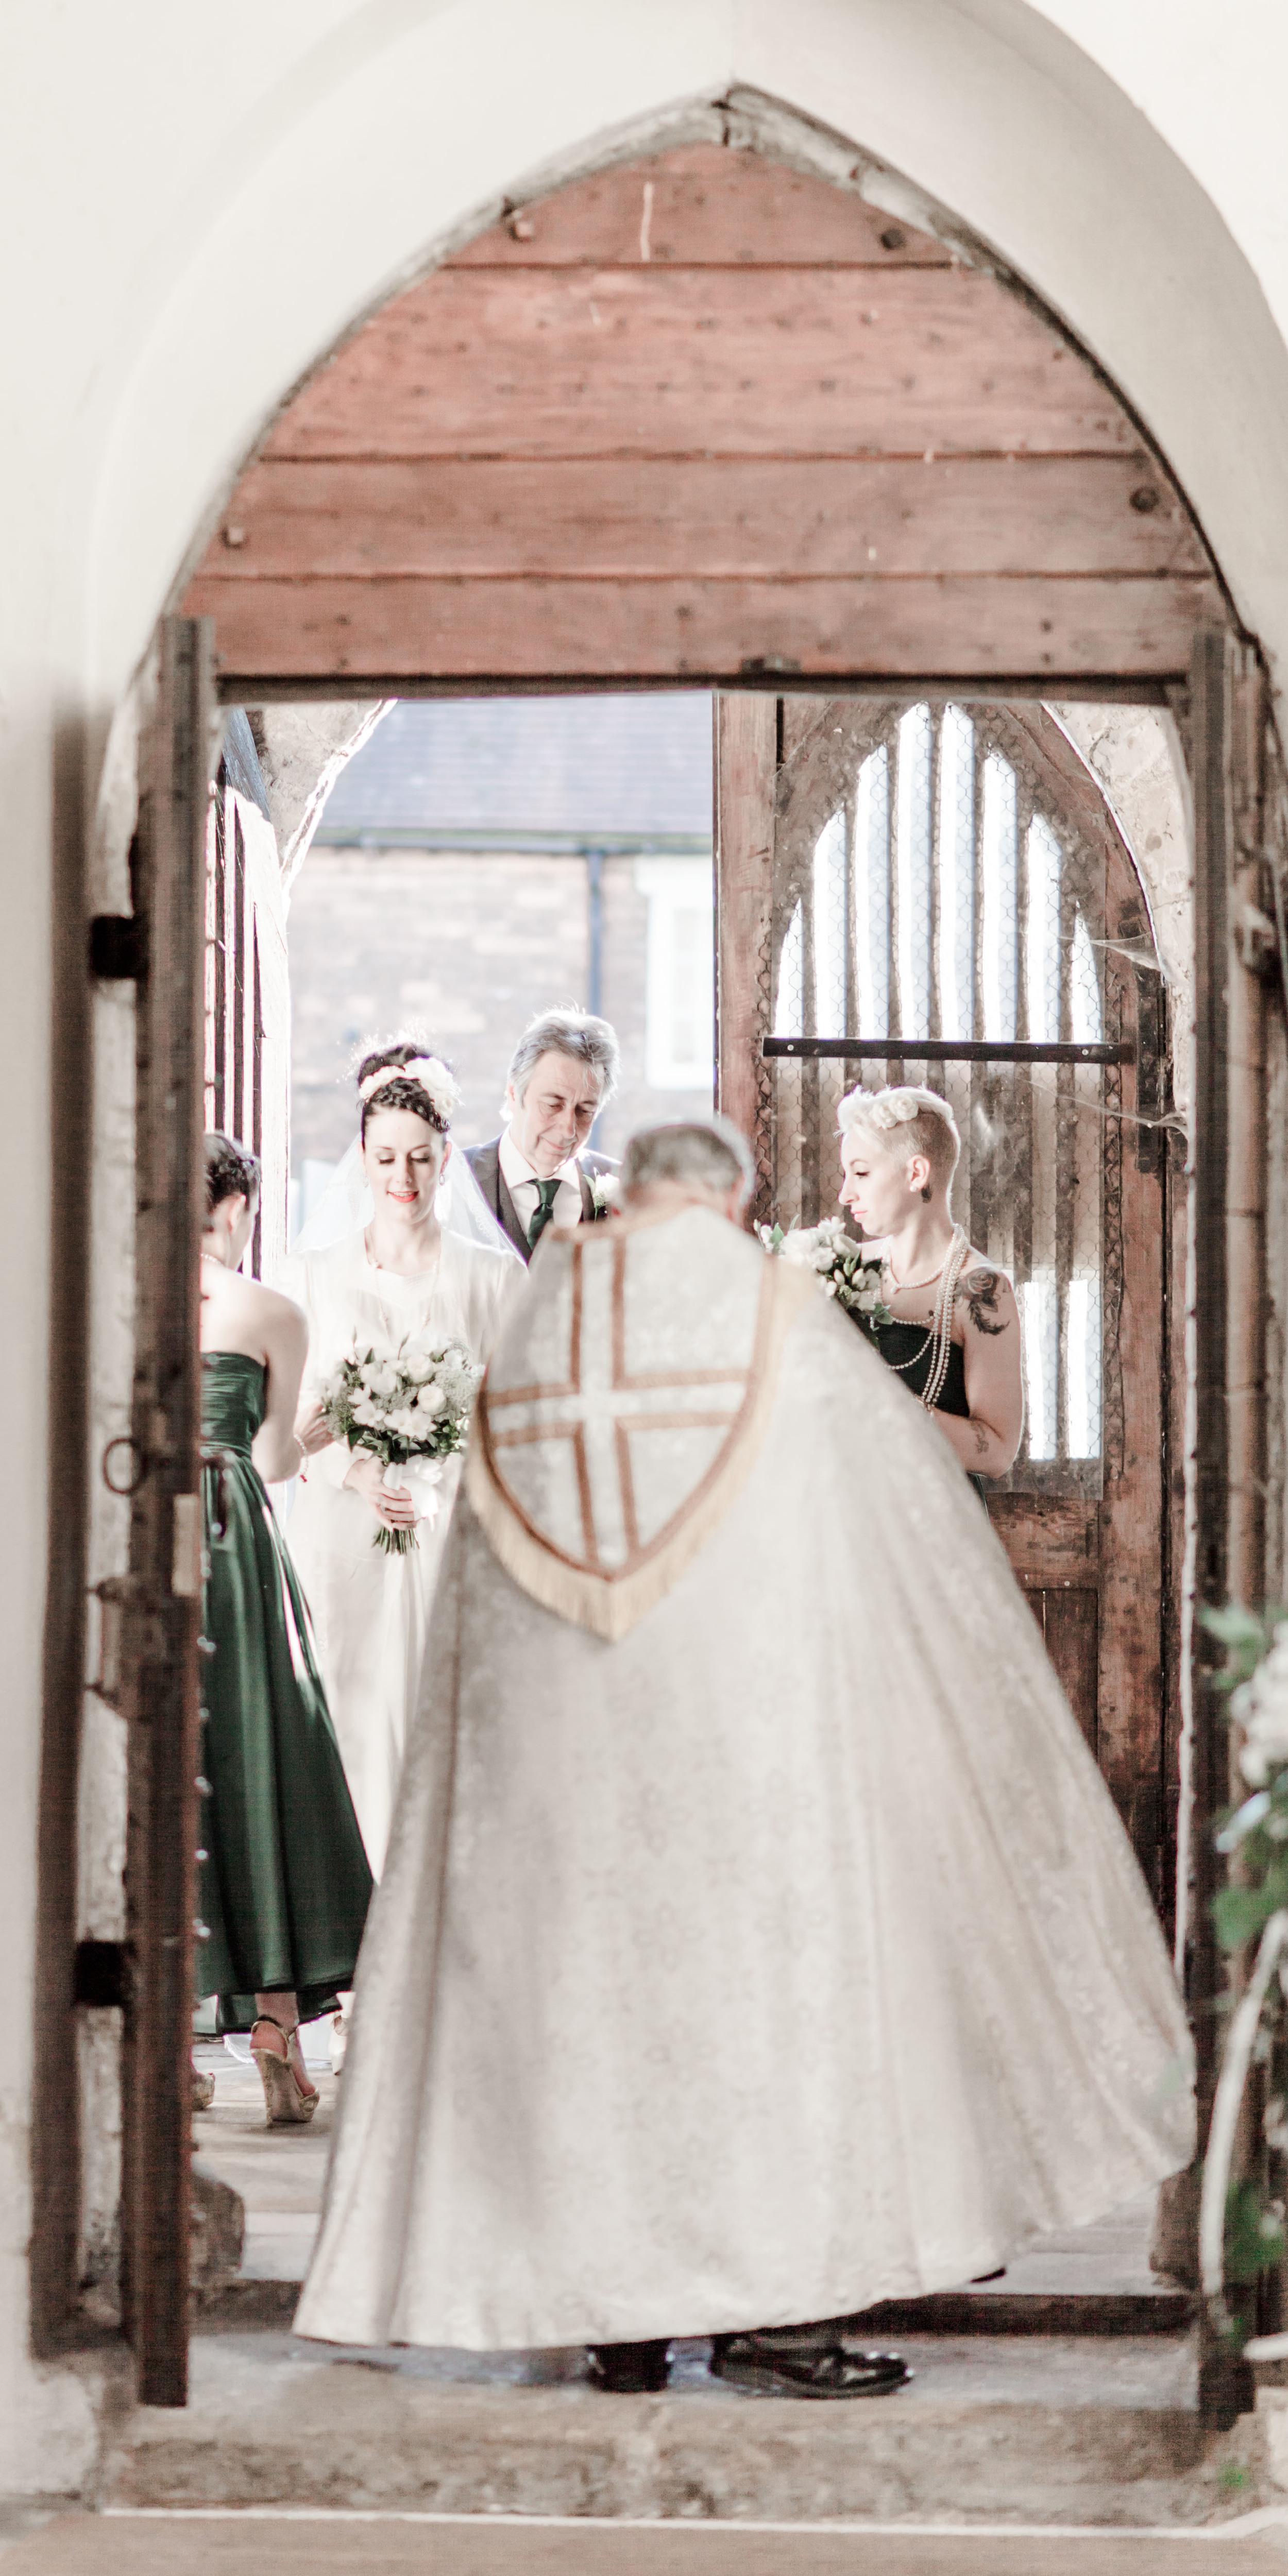 078 - Angela and Karls Wedding by www.markpugh.com -5845.jpg